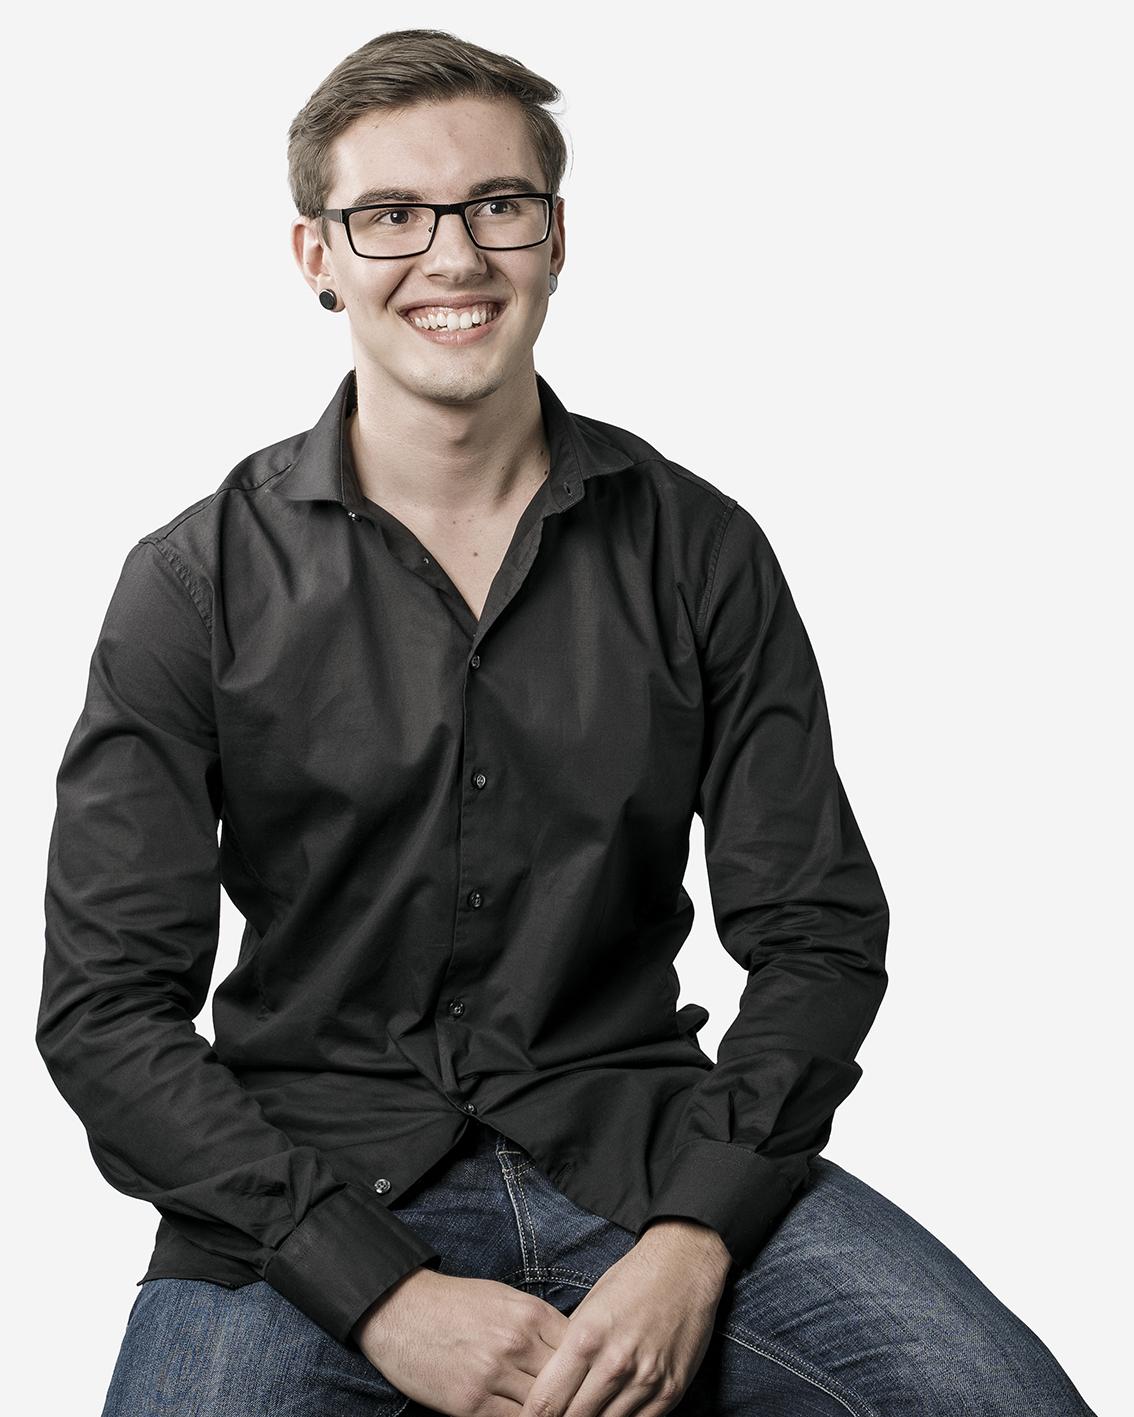 Dylan Müller